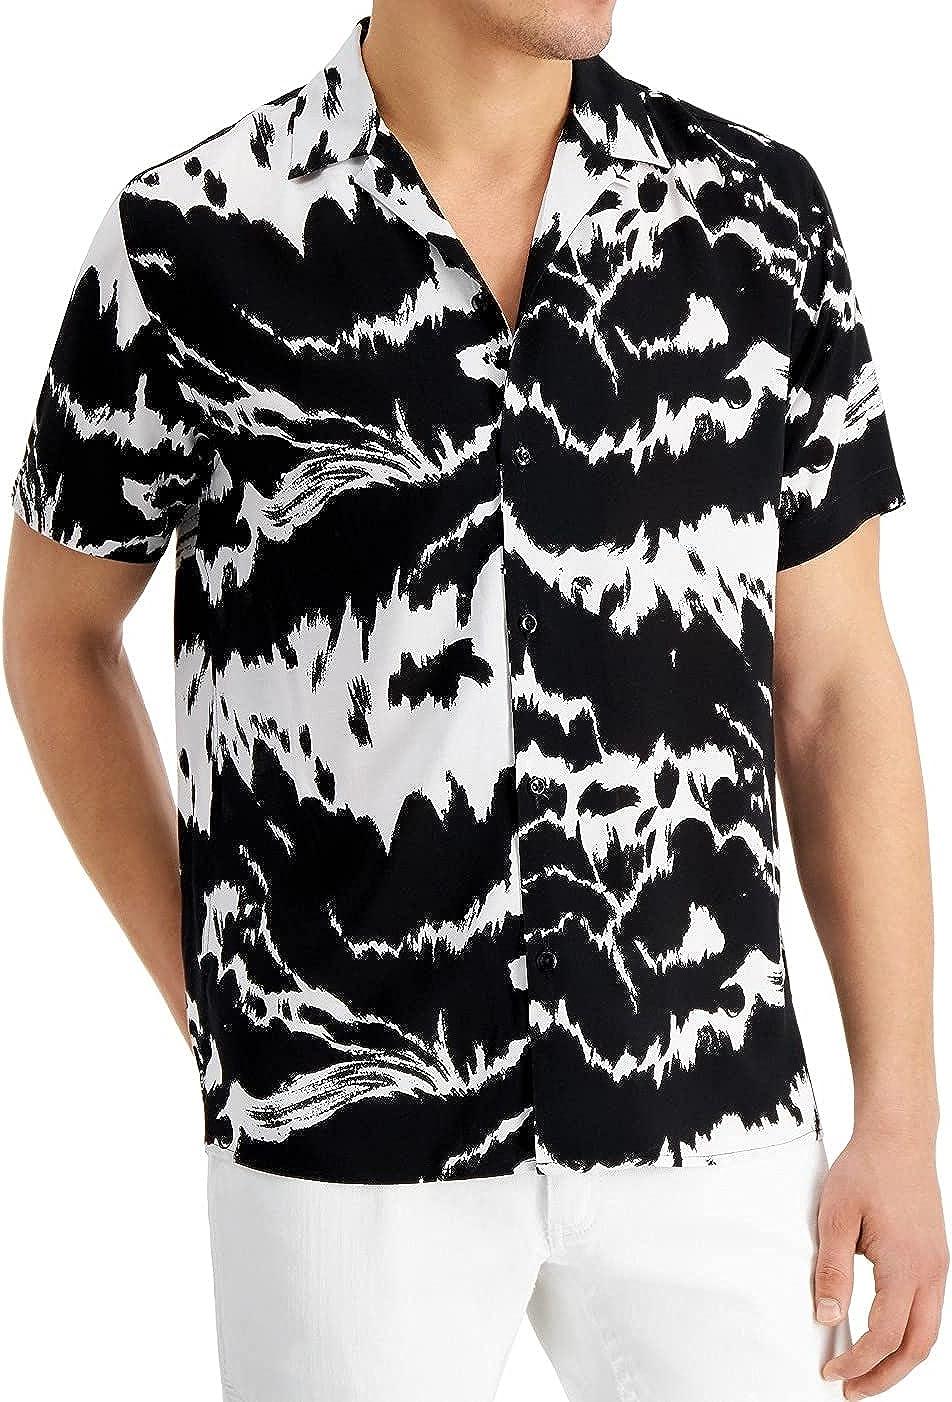 INC Mens Shirt Classic Abstract Print Button Down Black Big 2X